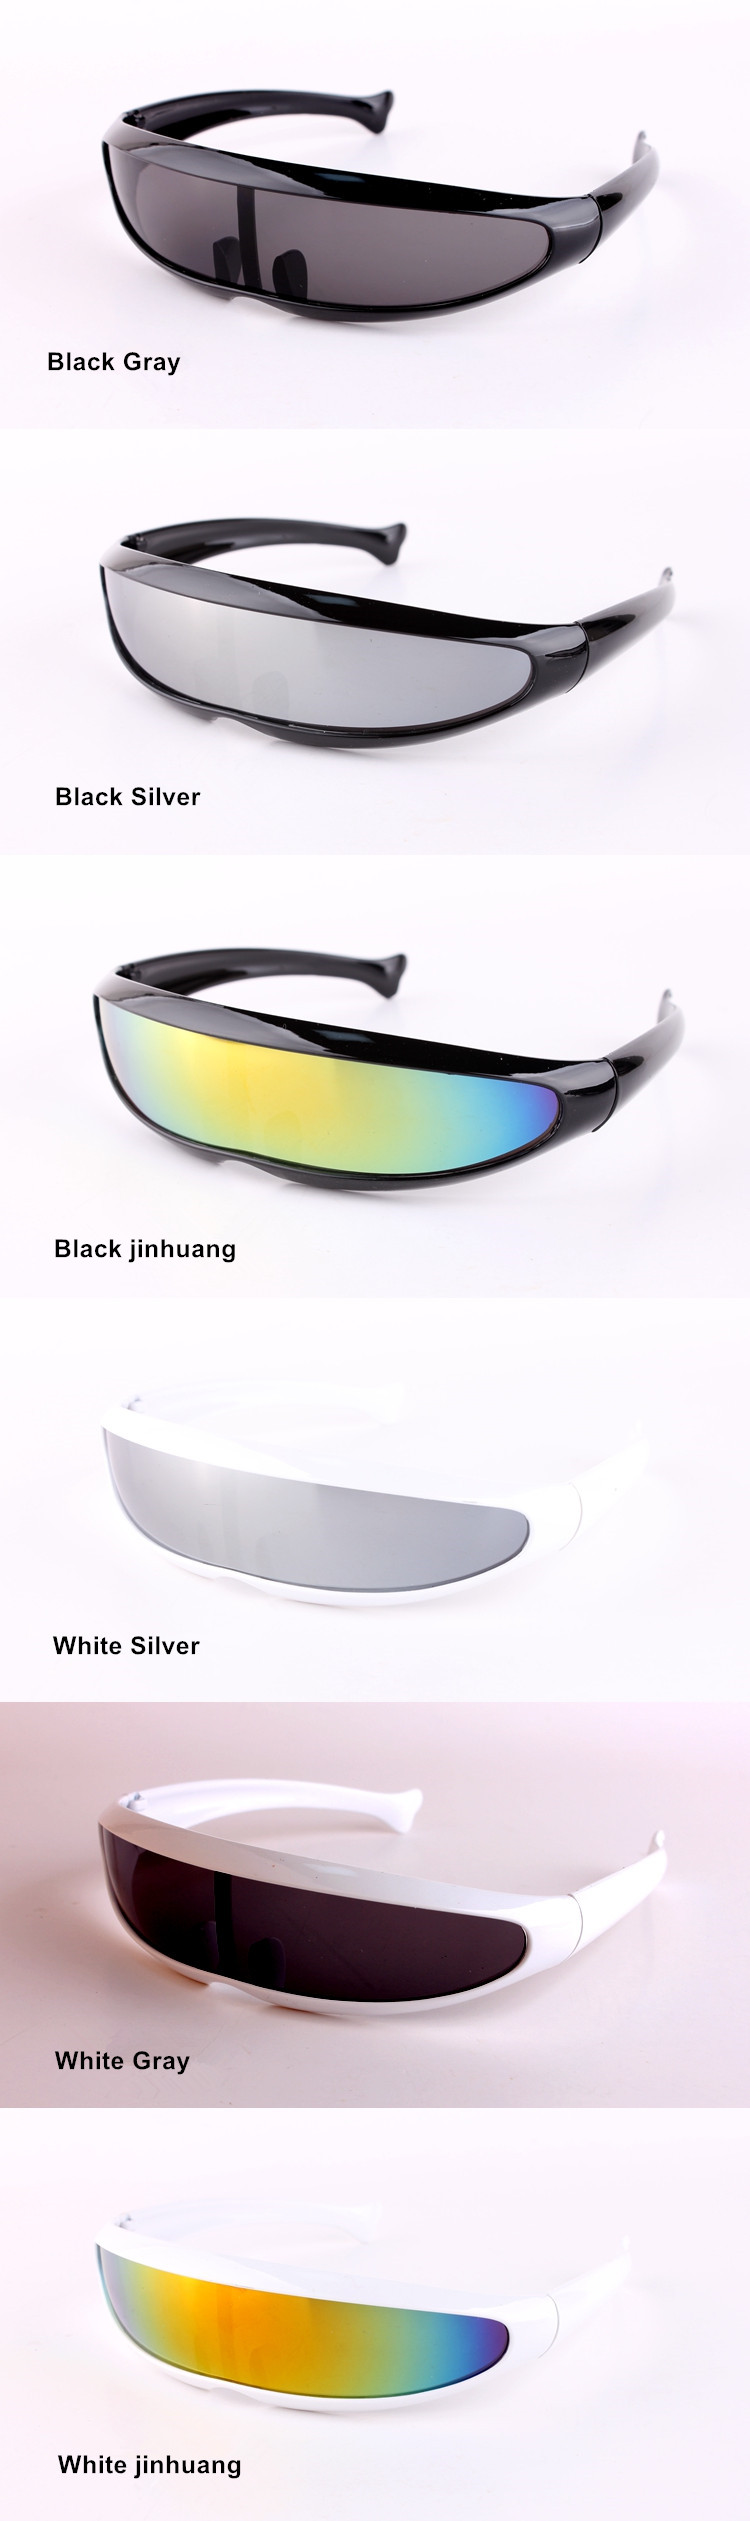 HTB1QsZgPVXXXXXvXpXXq6xXFXXXV - Women's Men's Sunglasses X-Mens Sunglass Robots Laser Glasses Sun Glasses Safety Goggles